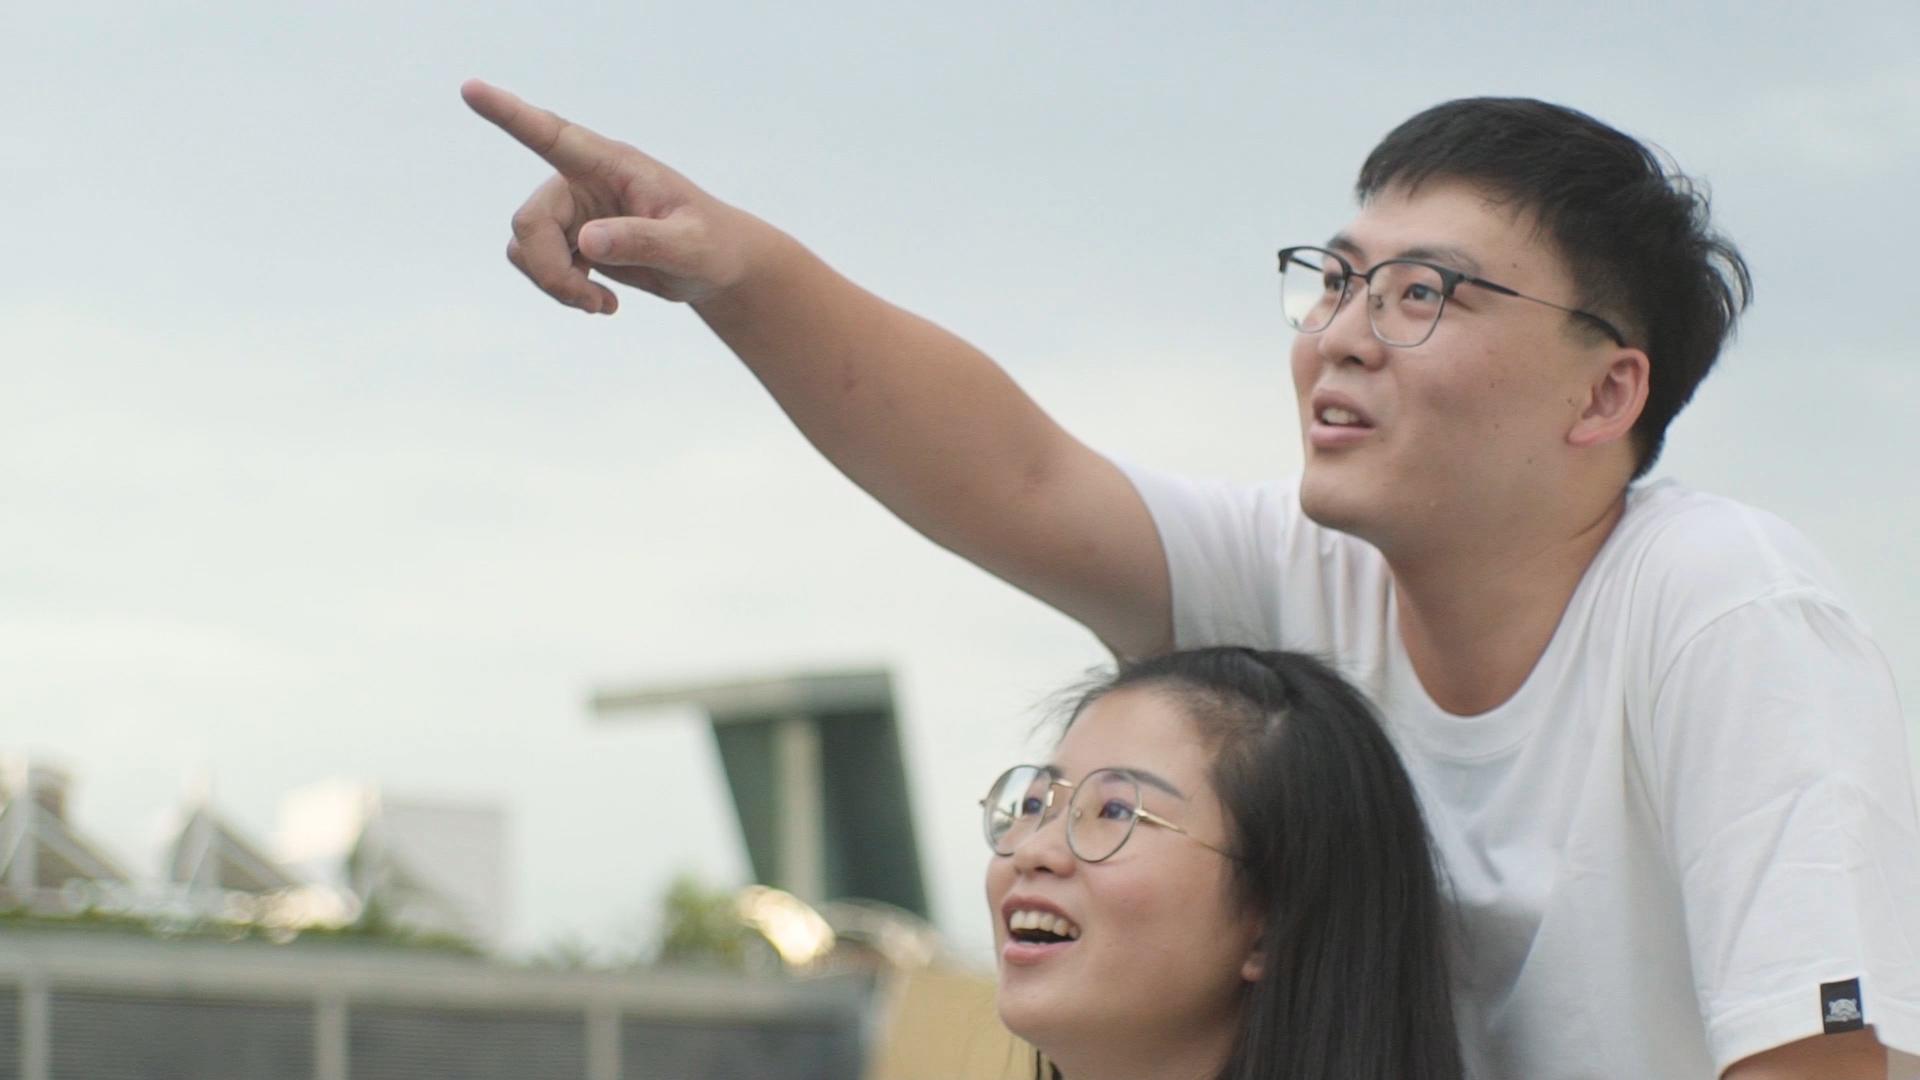 FFK_IG_59s_Screenshot_Cong Cong and Xin Jie_010.jpg